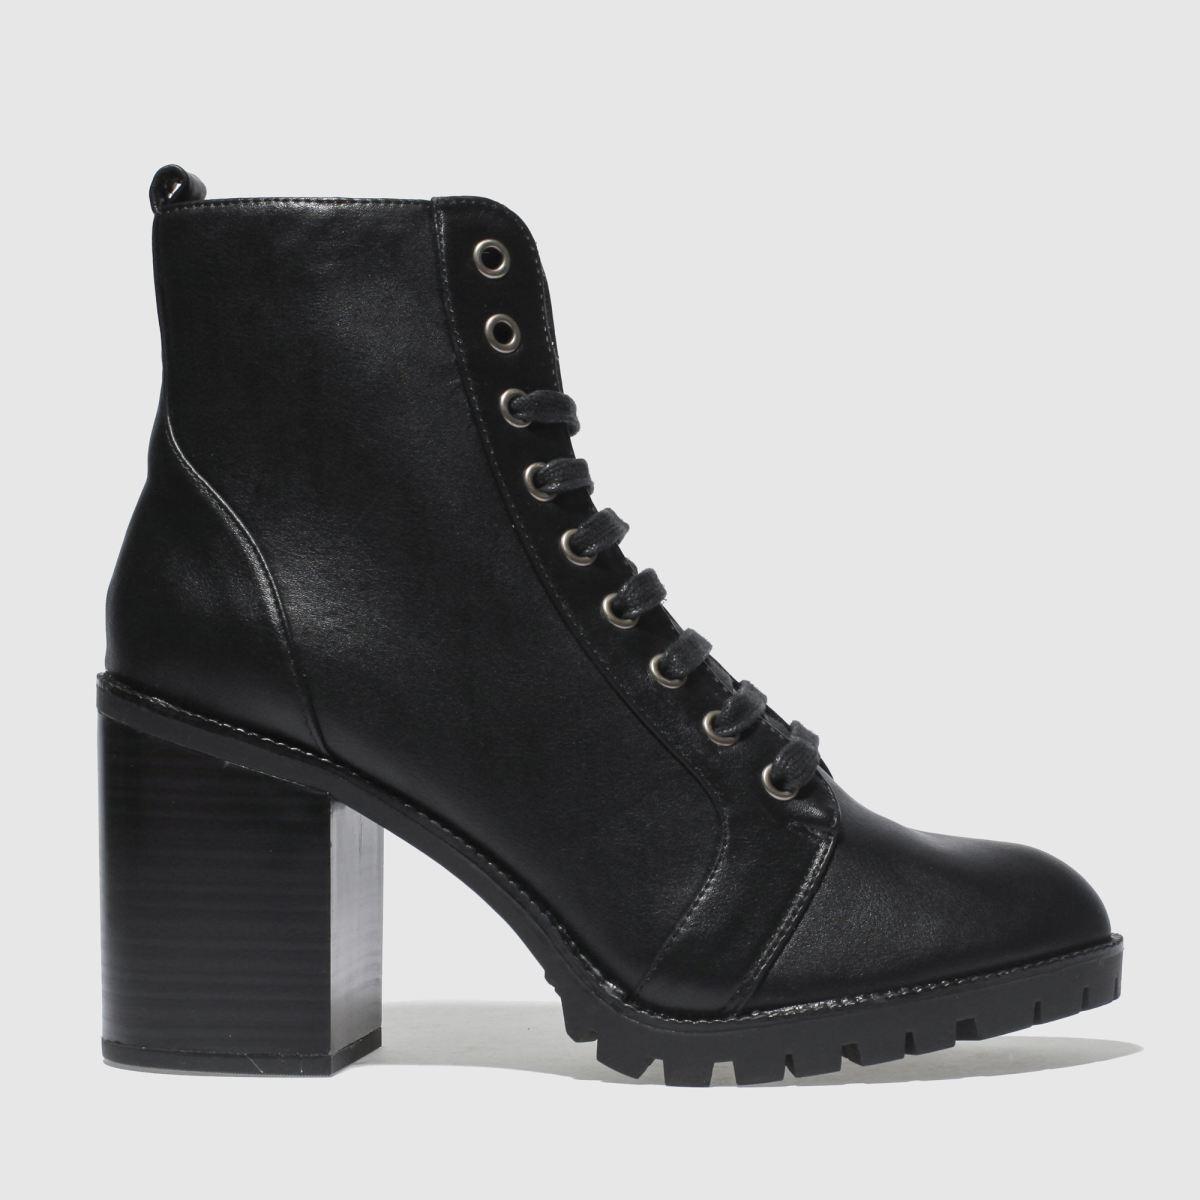 Schuh Black Understanding Boots